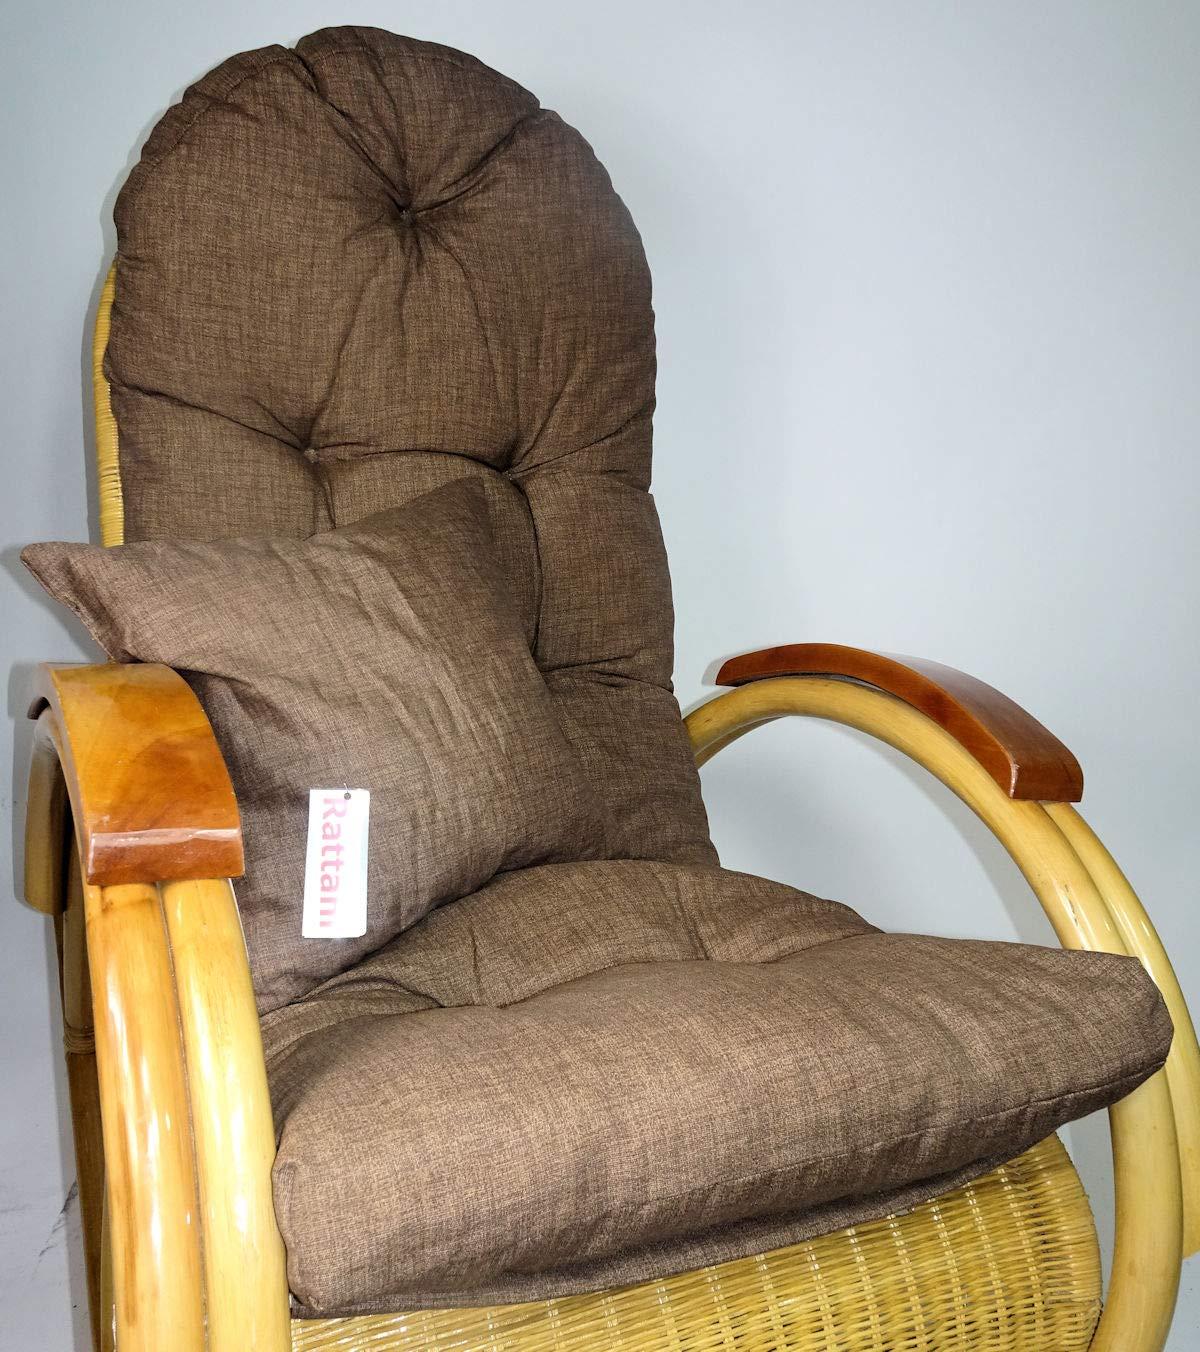 Rattani Auflage//Polster f/ür Schaukelstuhl 130 x 50 x 12 cm Made in EU Ersatzpolster Gr Liegestuhl Zierkissen Nuevo Loneta Brown